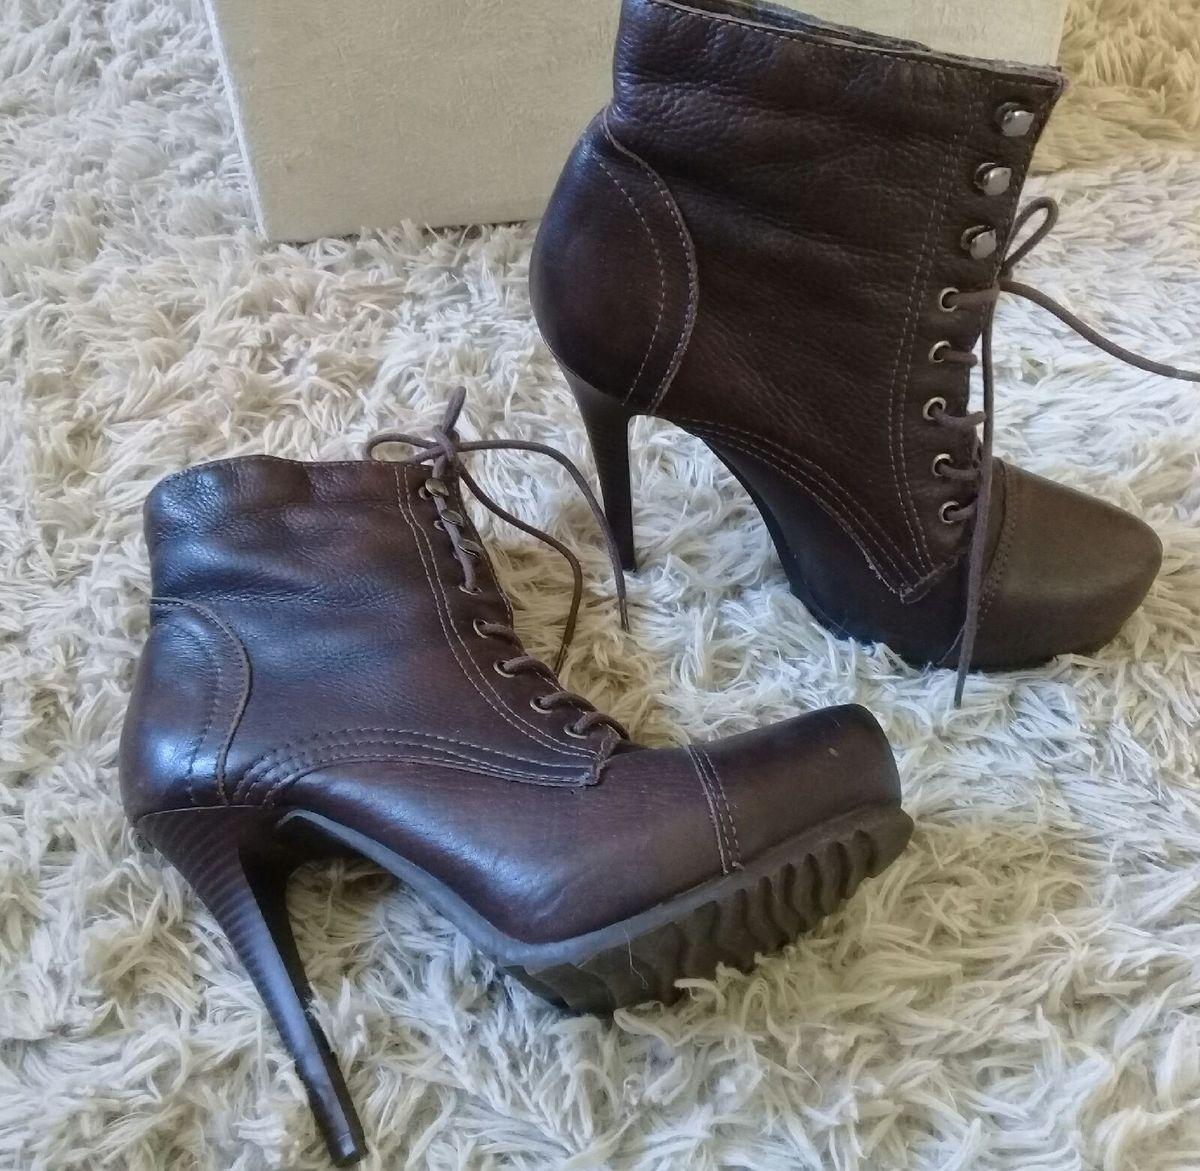 sapato bottero - sapatos bottero